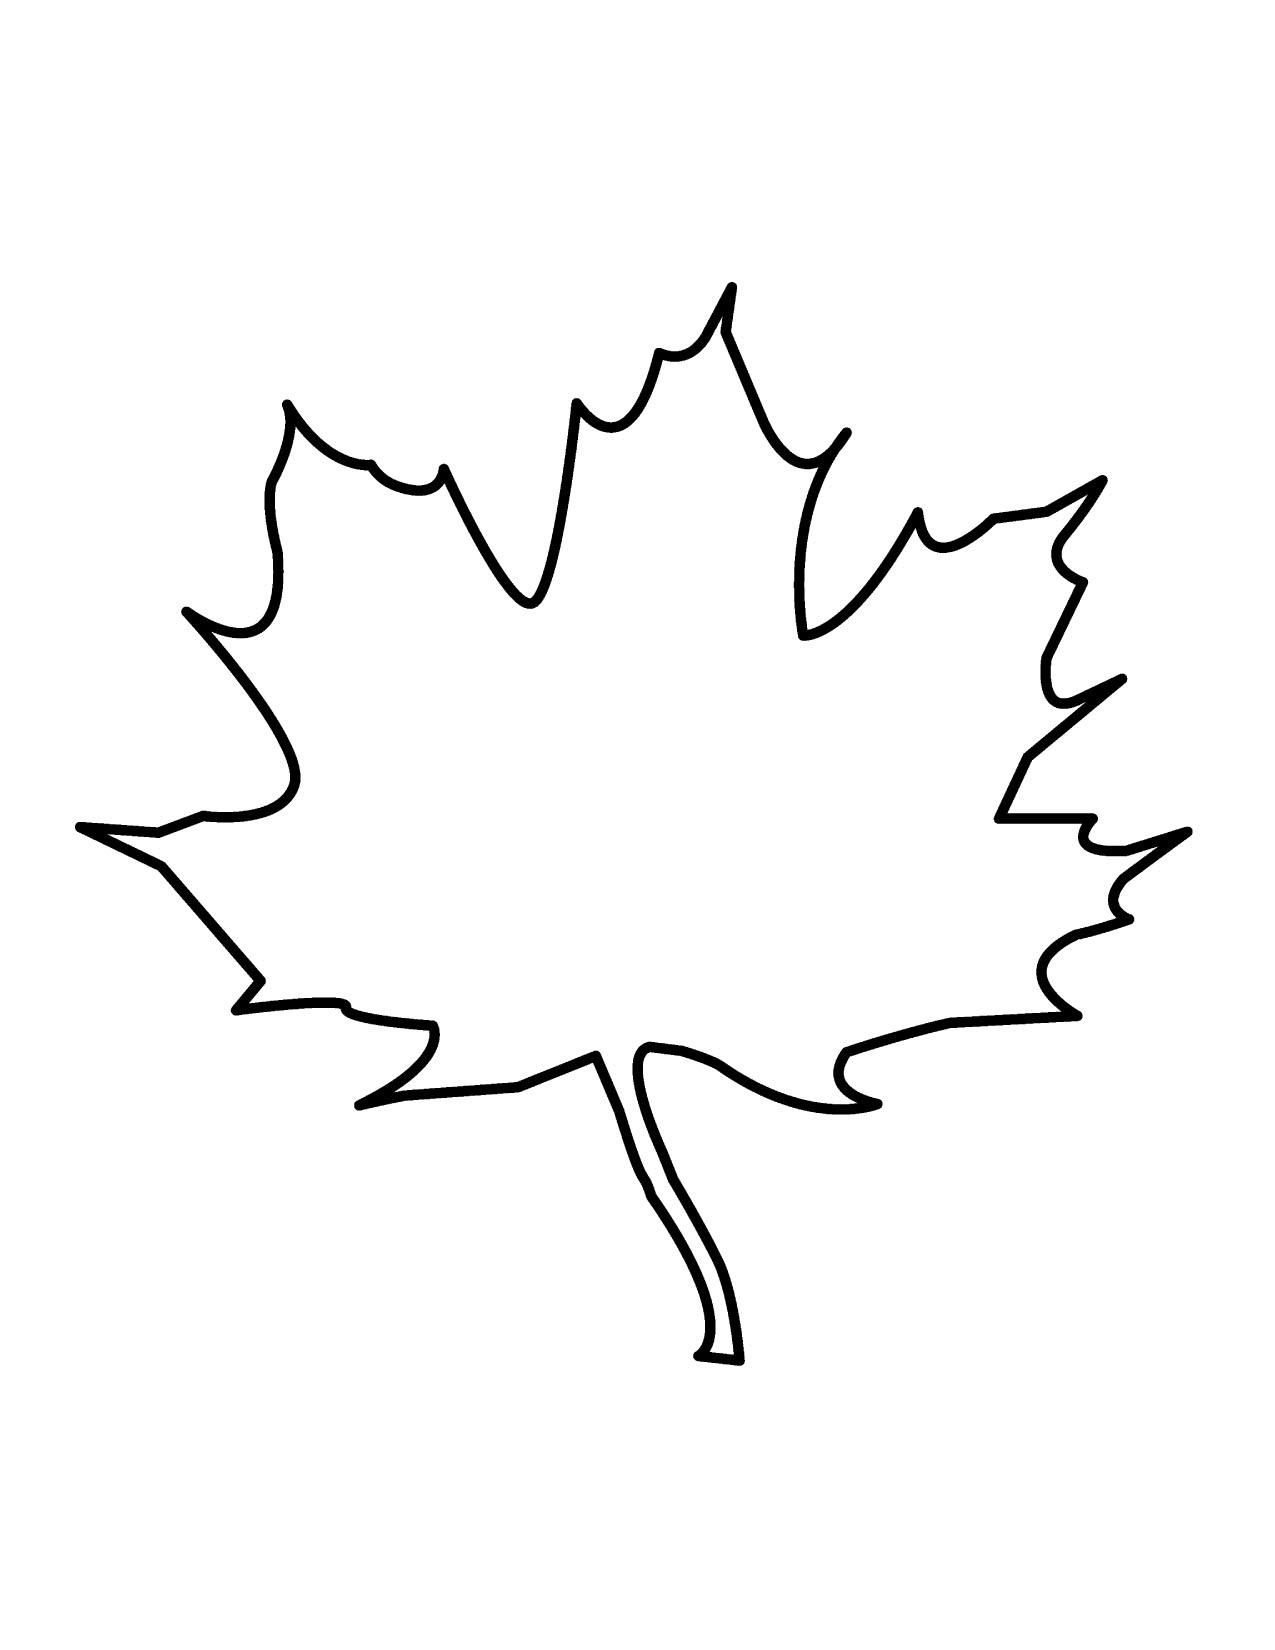 Leaves  black and white free oak leaf clipart